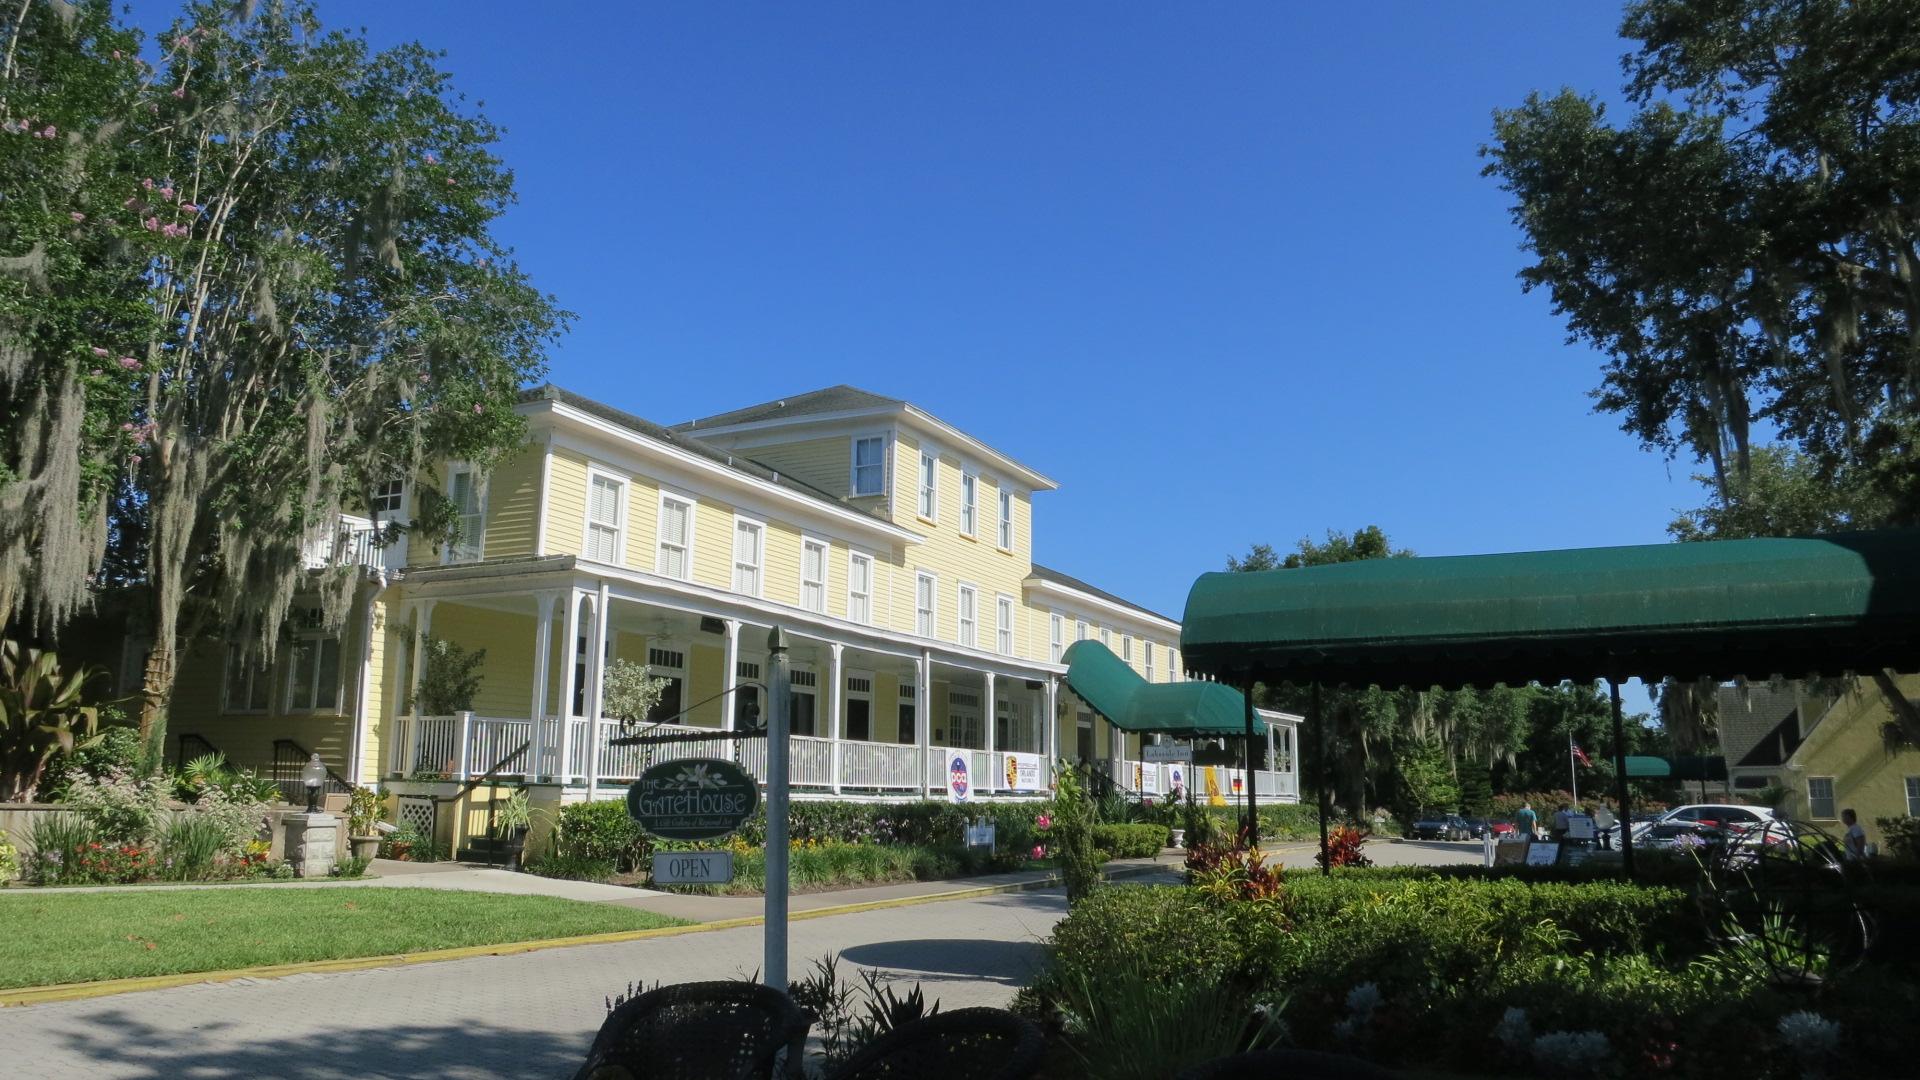 lakeside inn Mount Dora